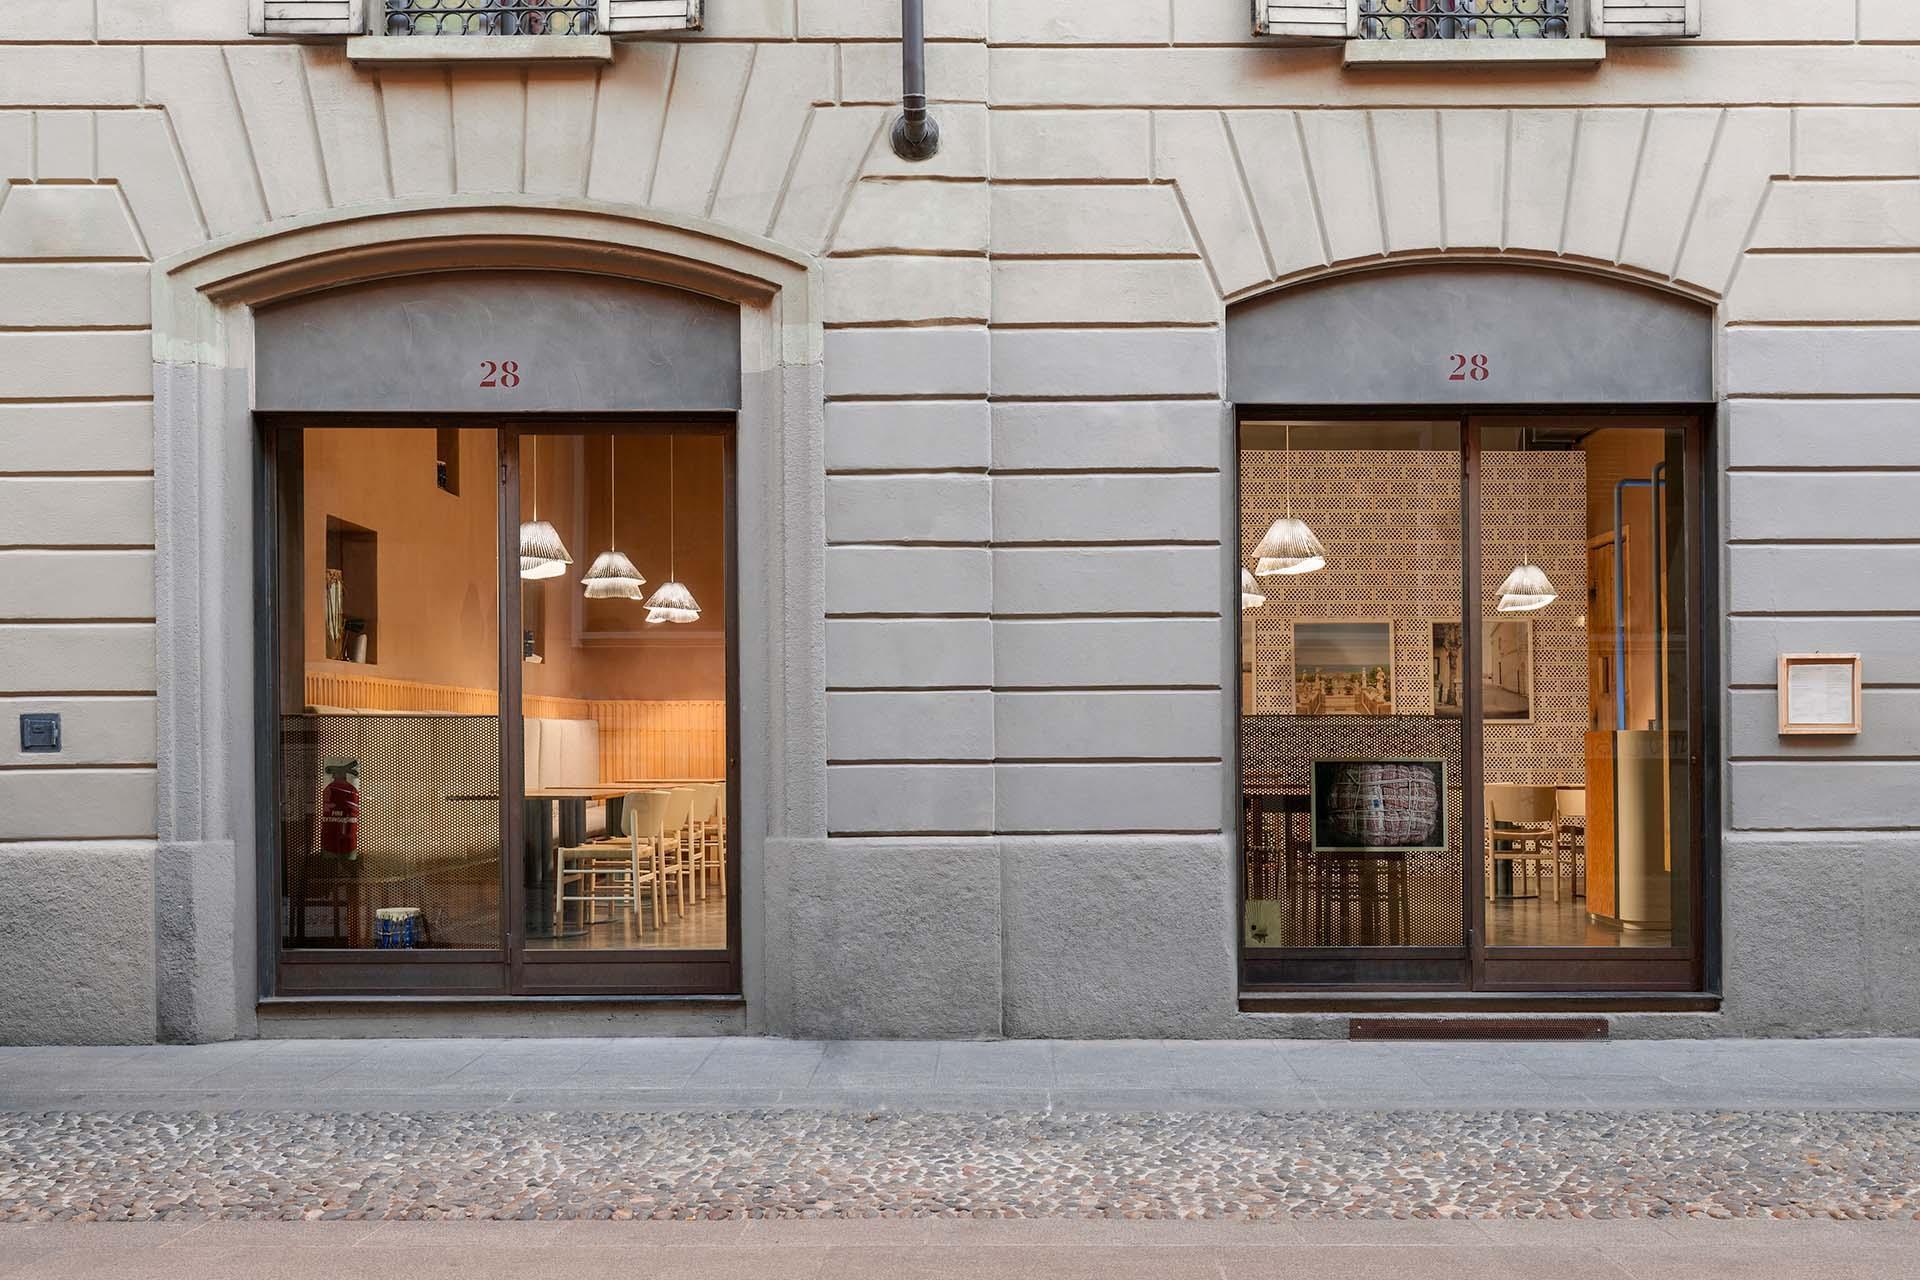 28 Posti Milano l'ingresso